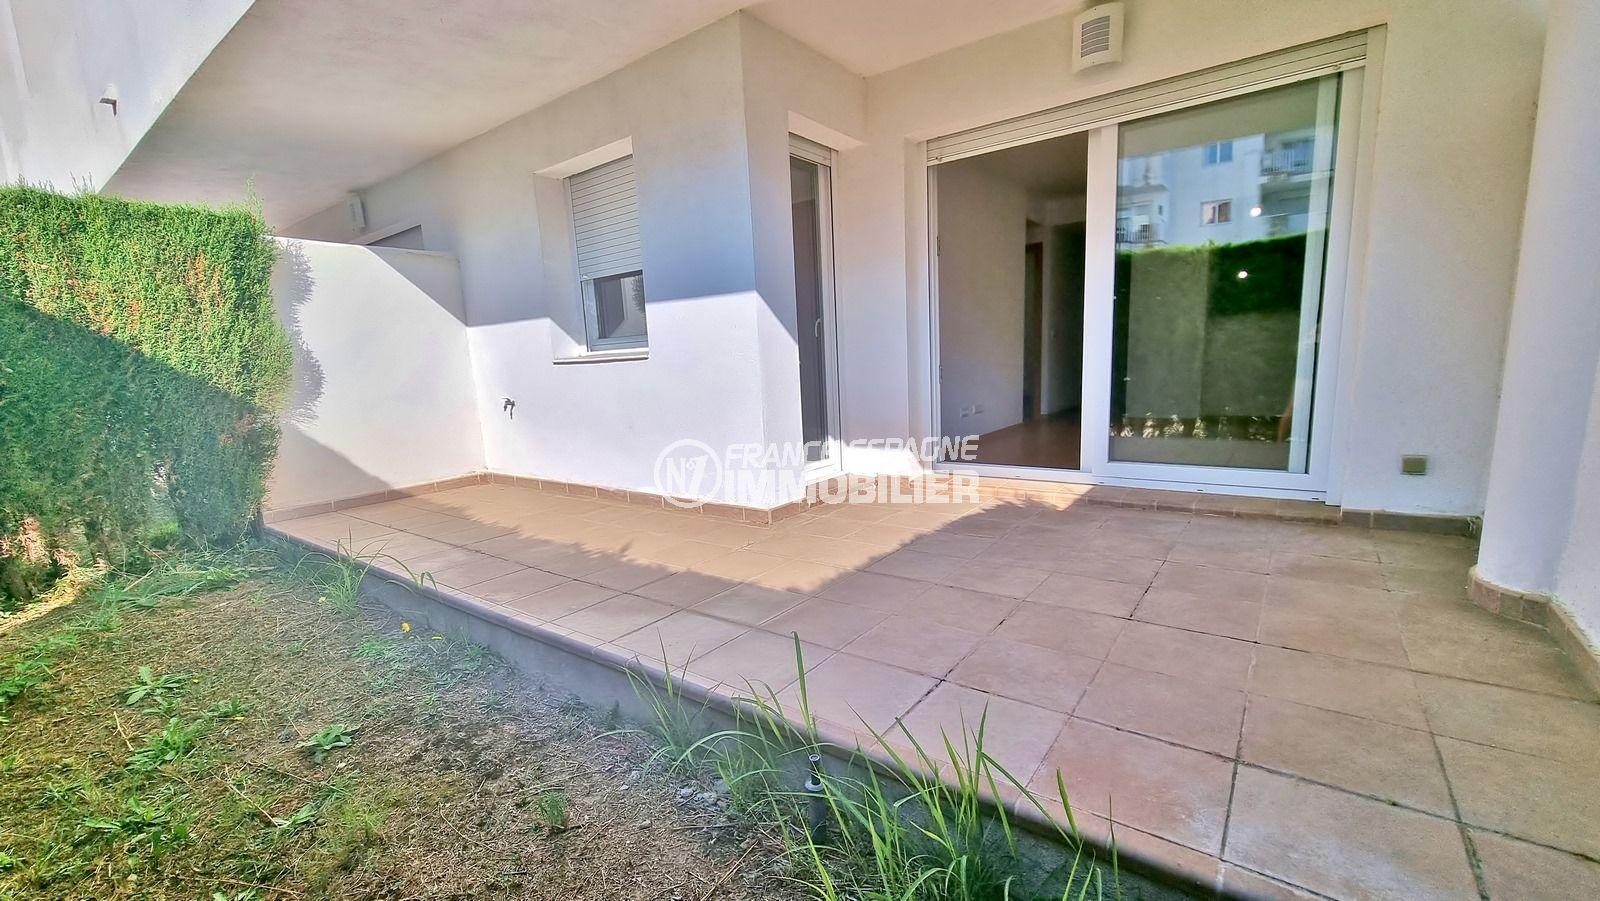 appartements a vendre a rosas, ref.1273, résidence standing, jardinet de 11 m², piscine